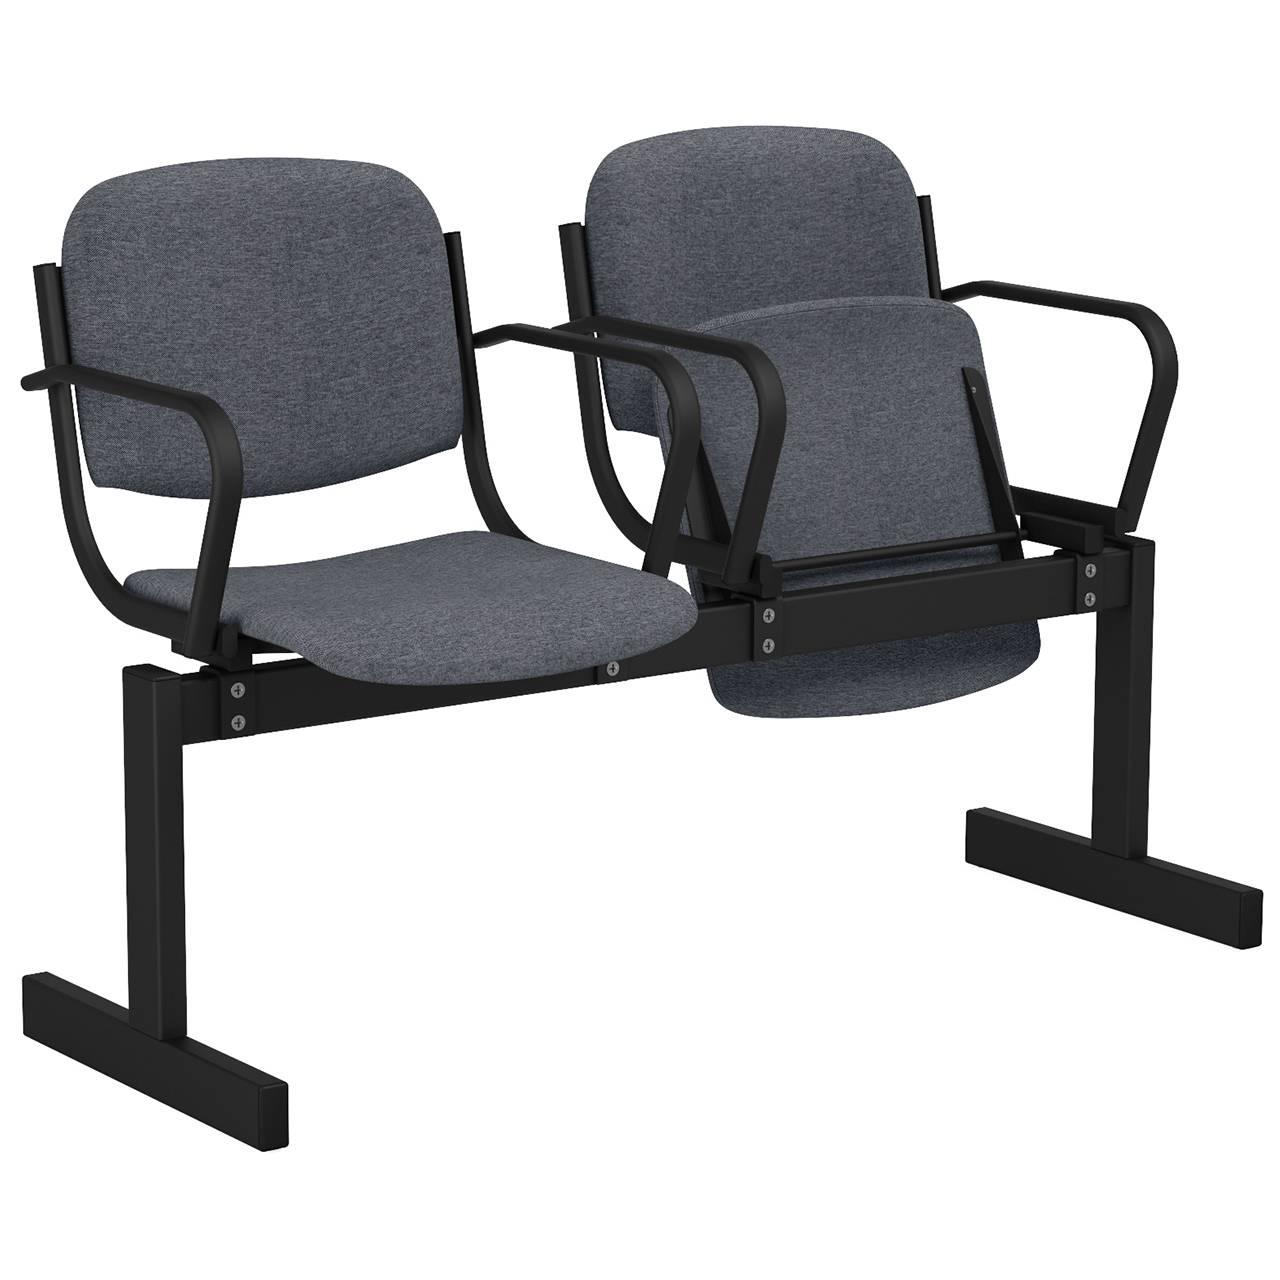 2-местный, откидывающиеся сиденья, мягкий, подлокотники черный серый Офисная ткань